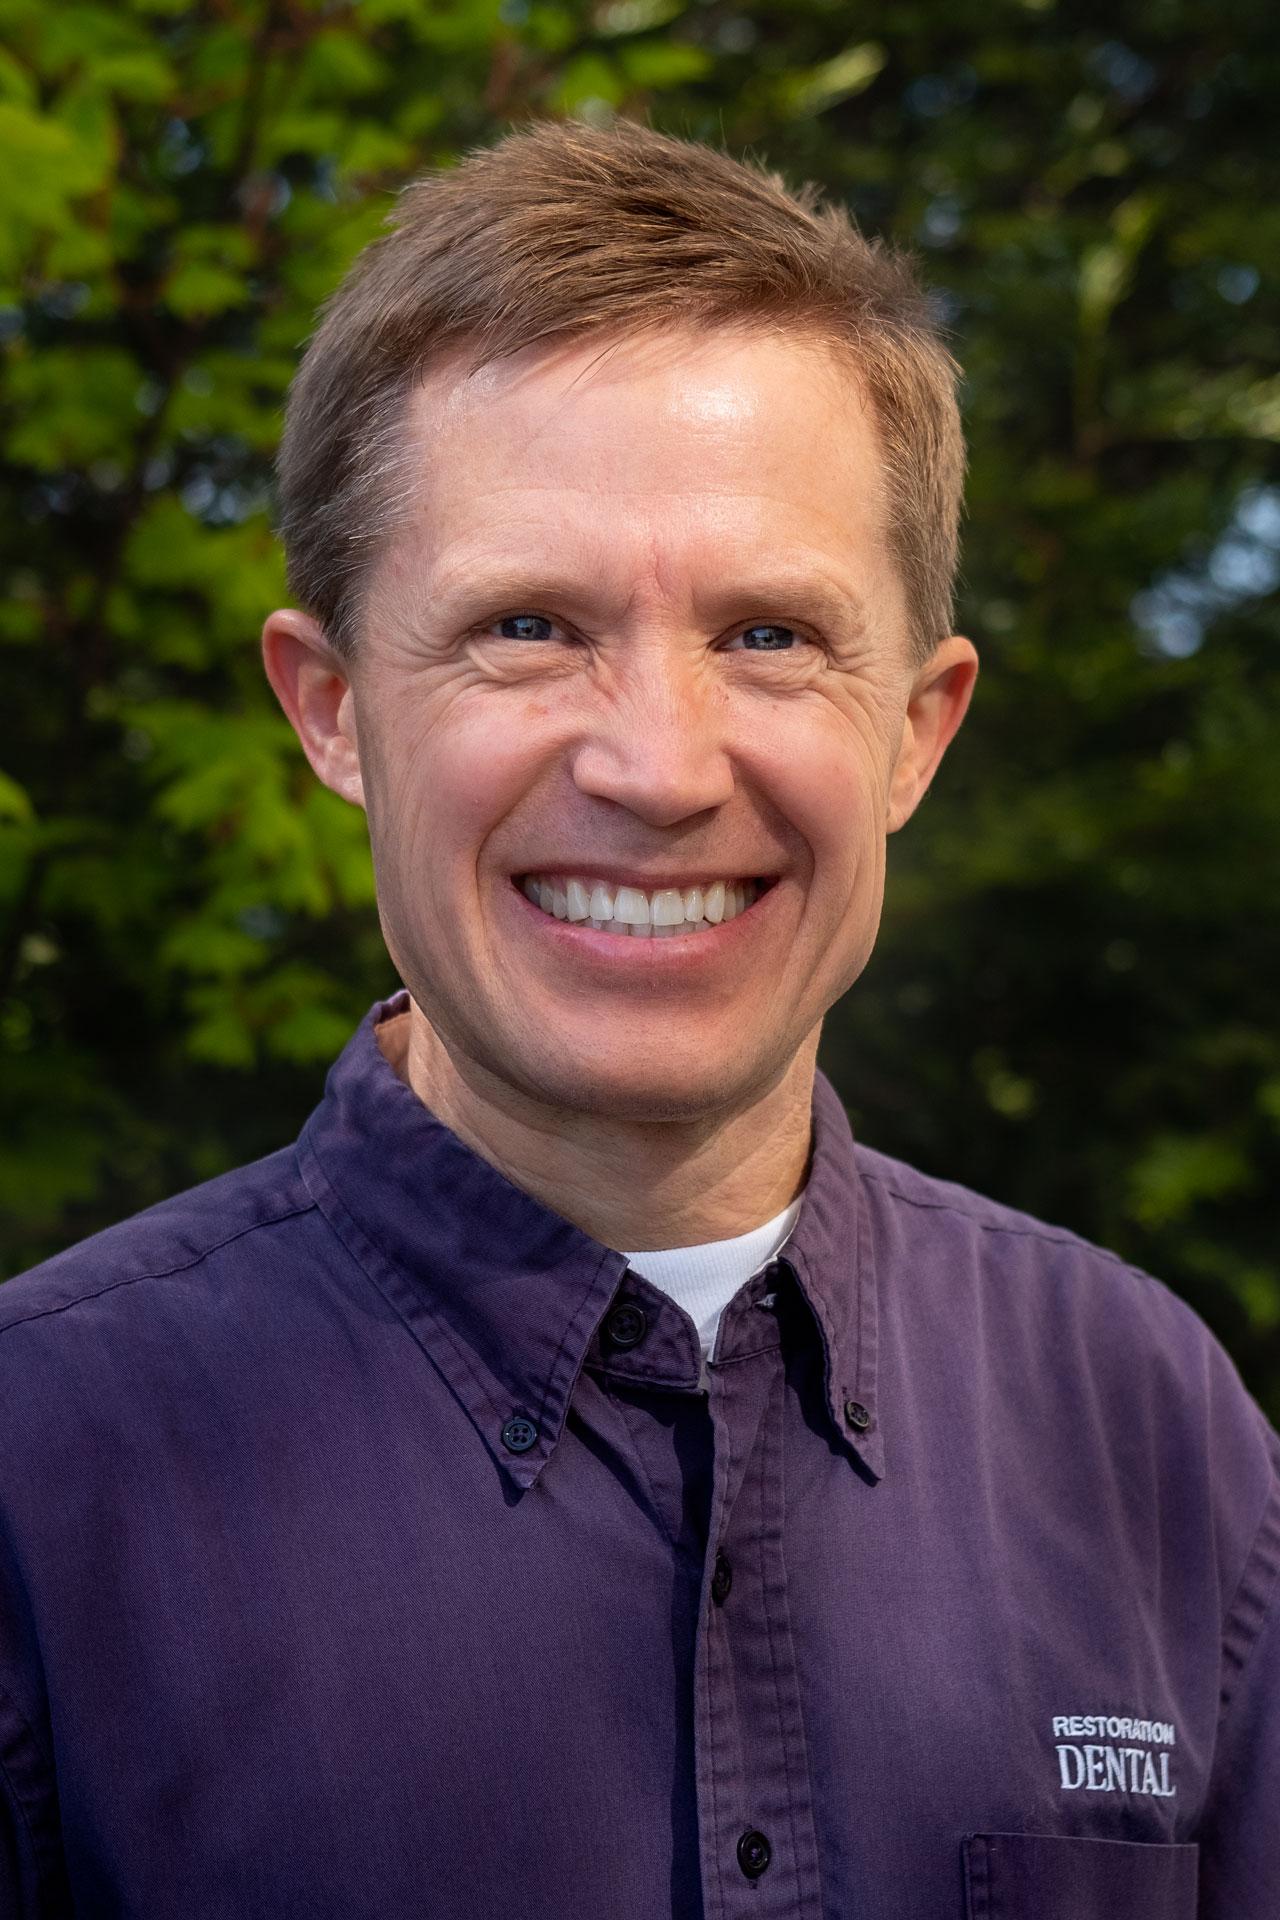 Dr. Scott VonBergen